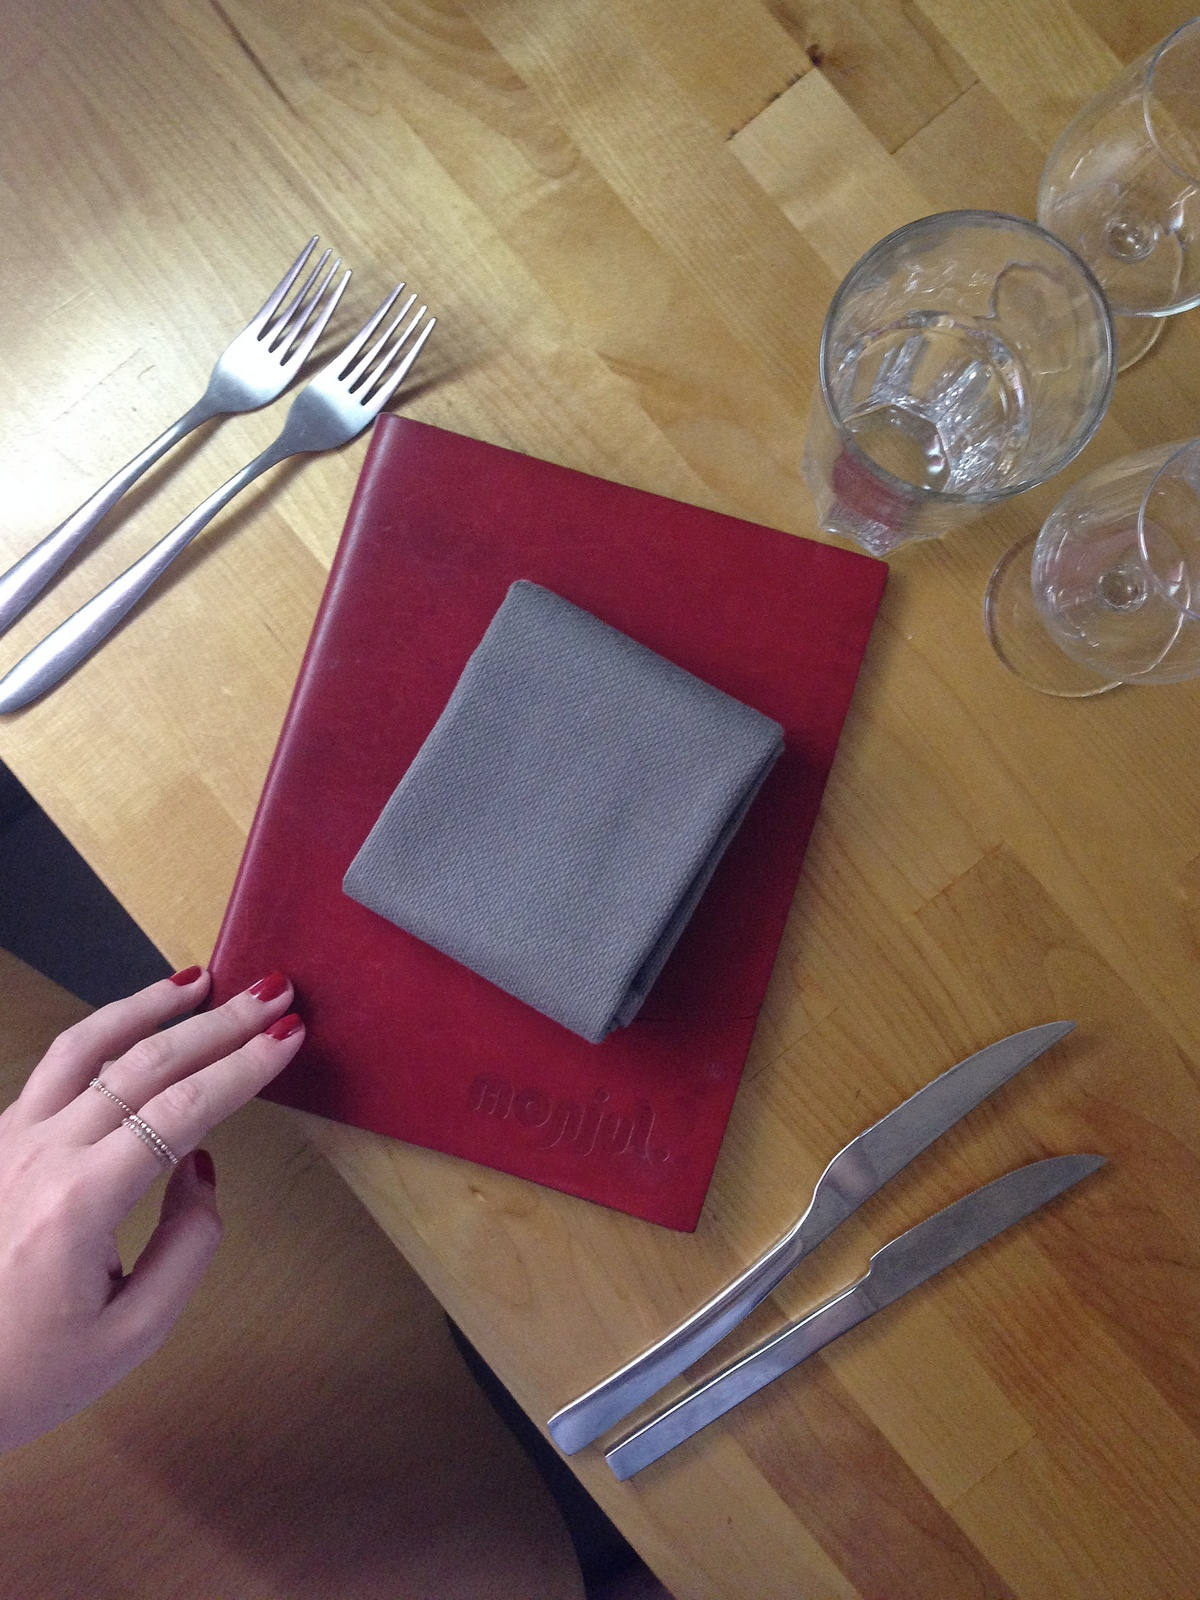 Monjul - restaurant - paris - gastro - cuisine inventive